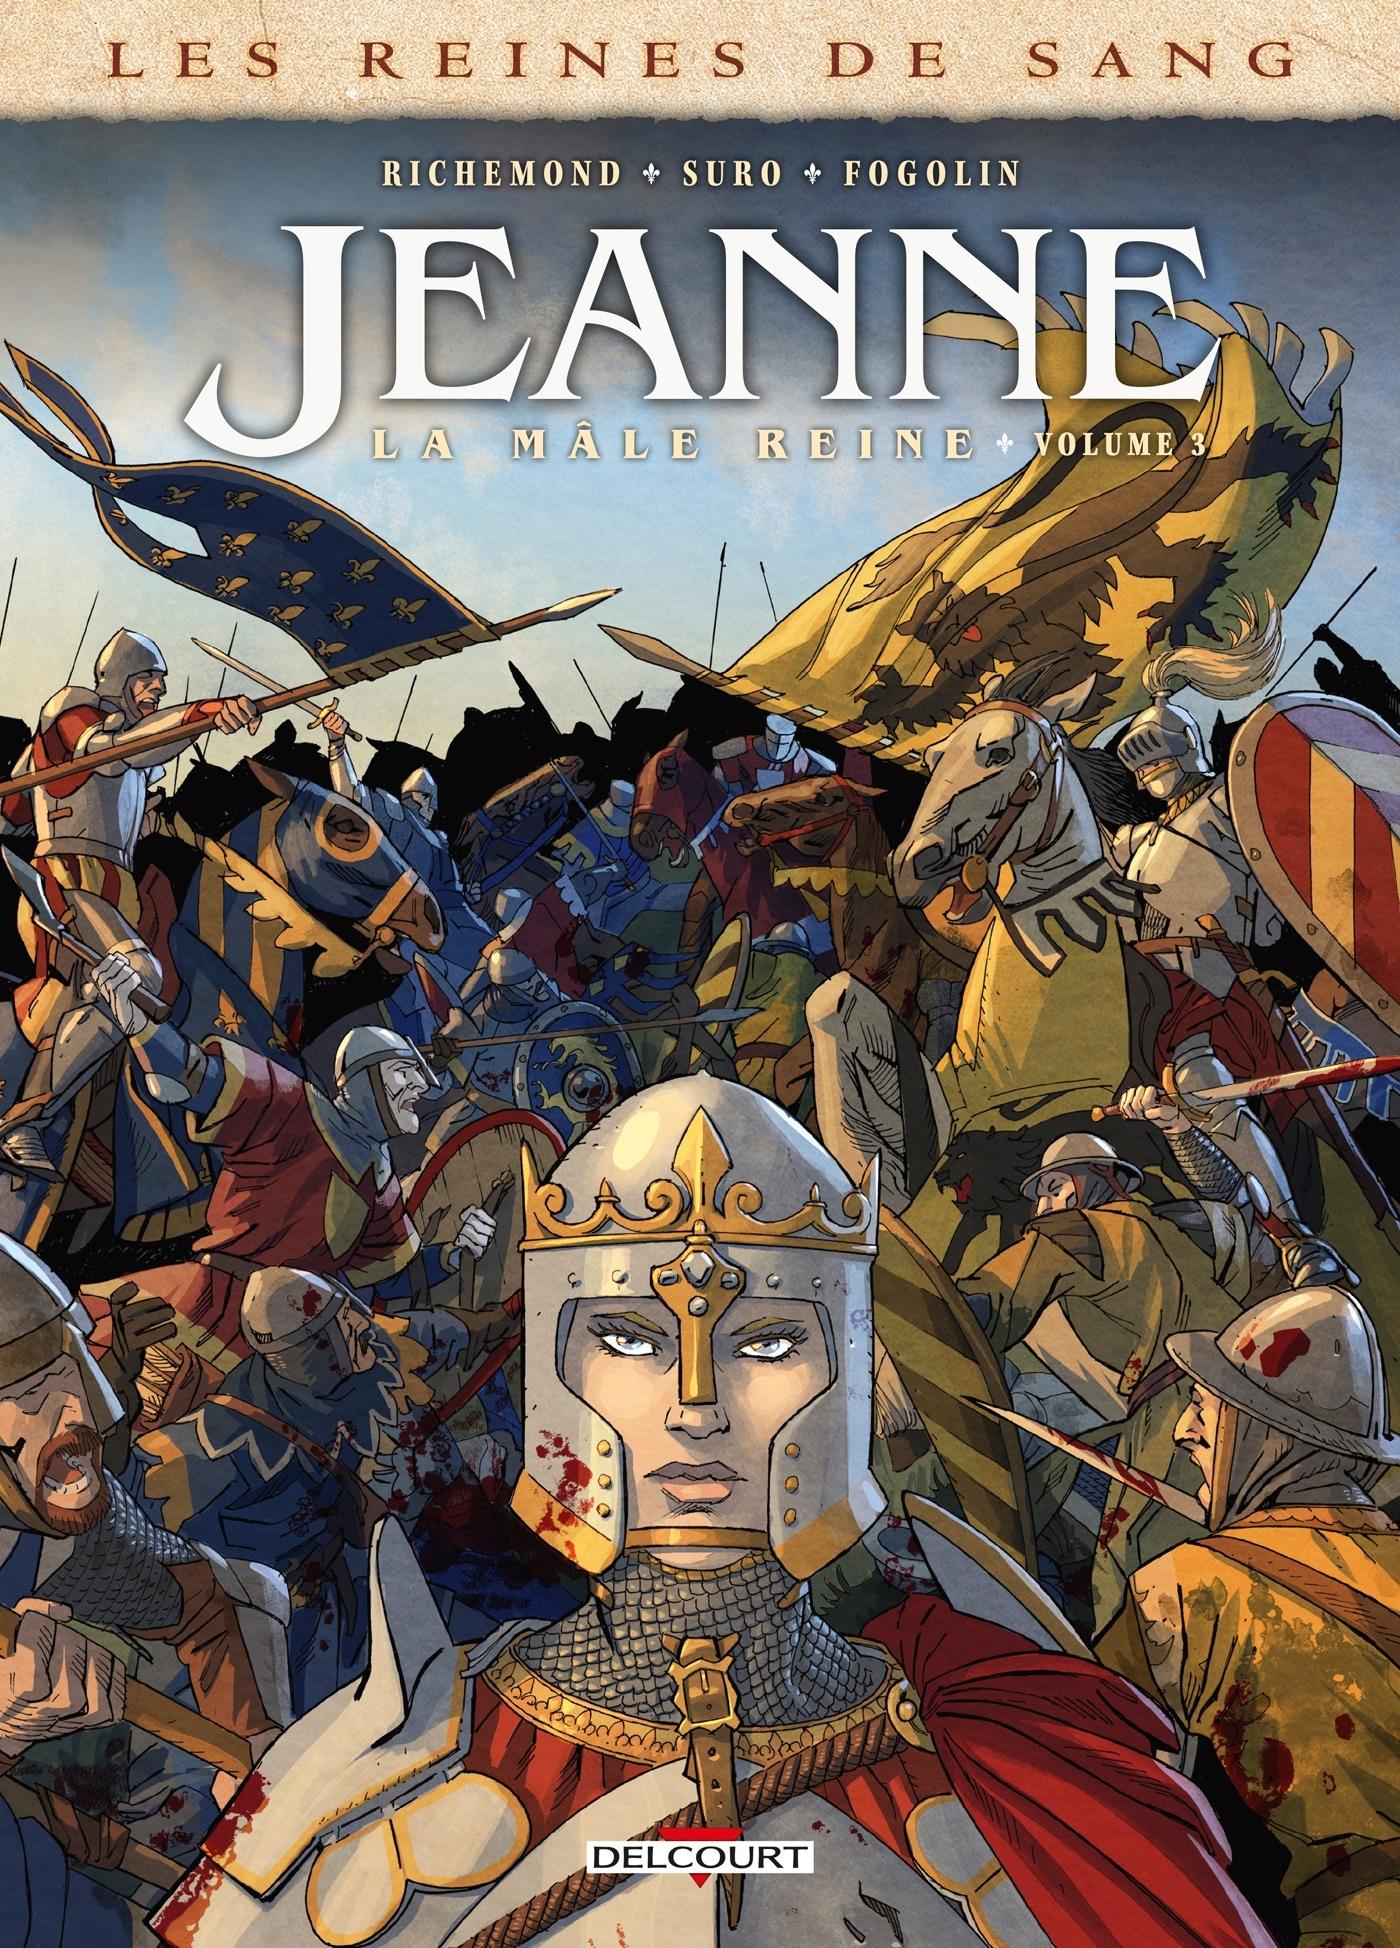 LES REINES DE SANG - JEANNE, LA MALE REINE T03